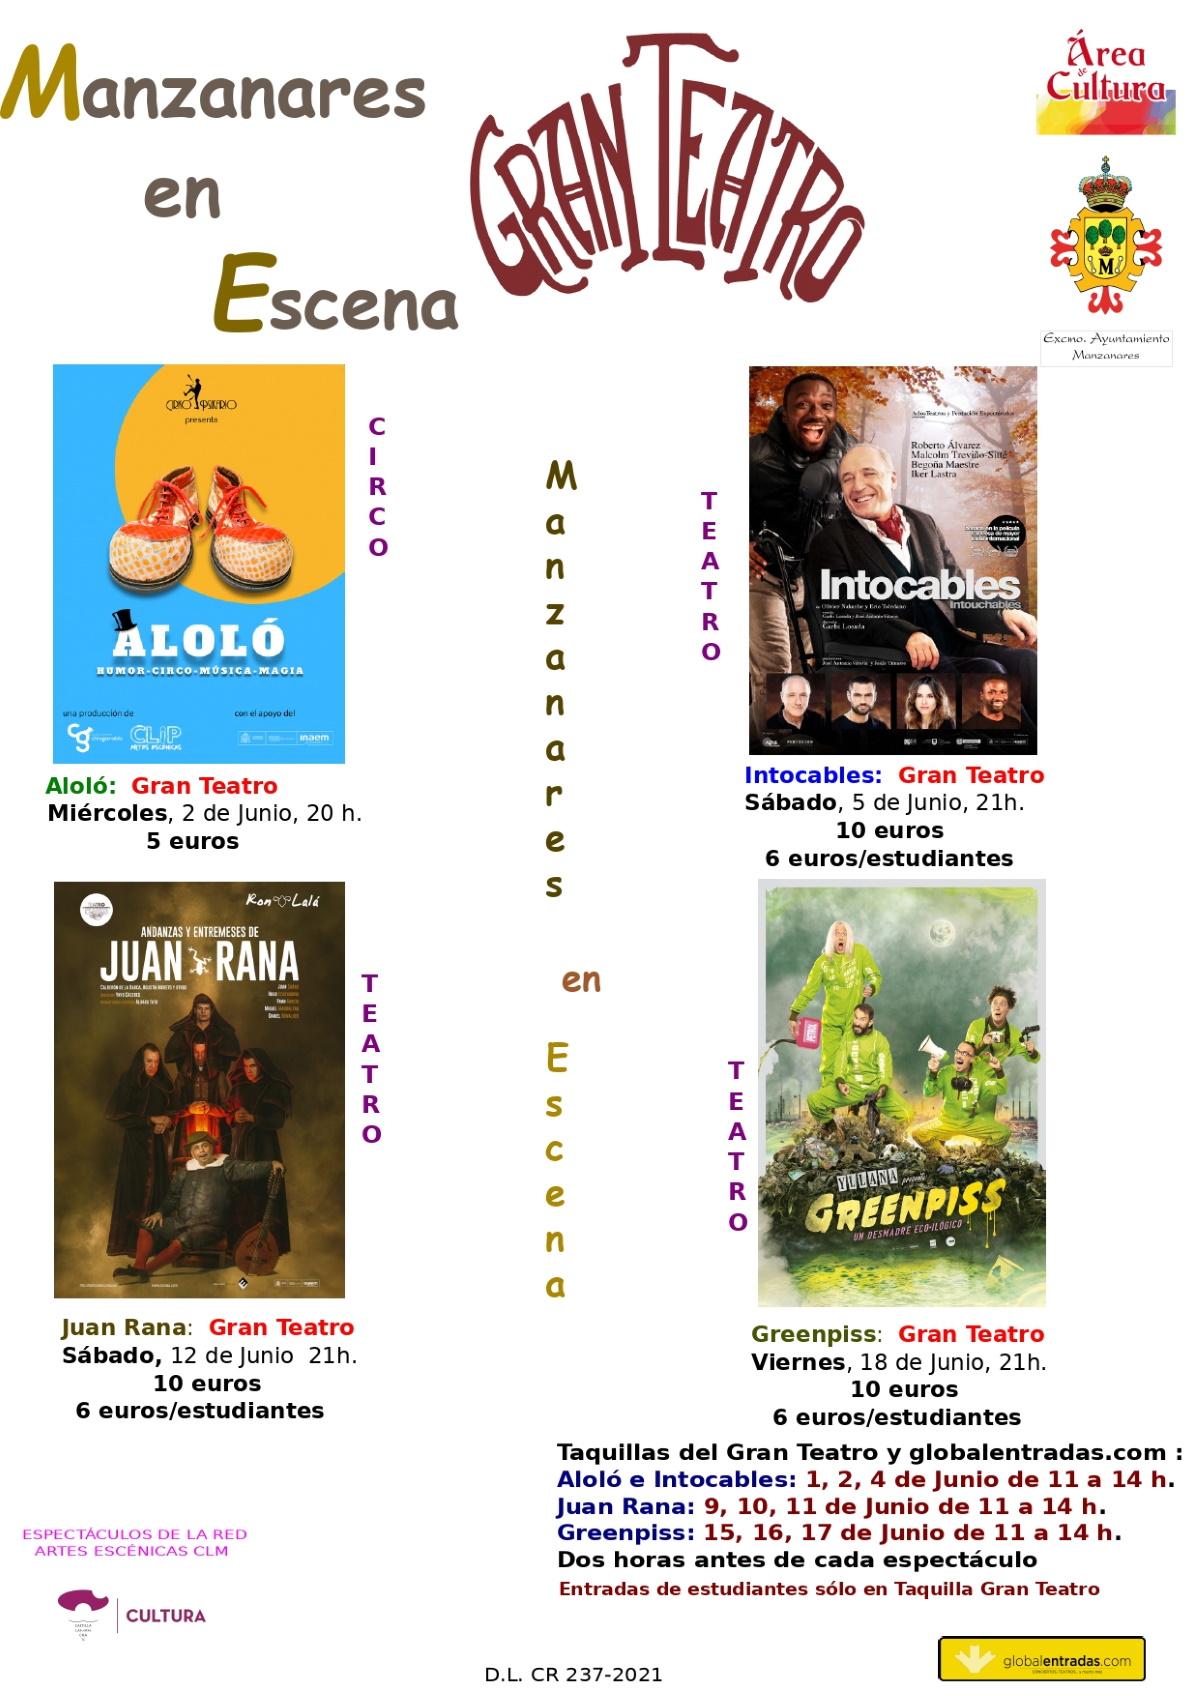 Vuelve la actividad teatral a Manzanares con un atractivo cartel